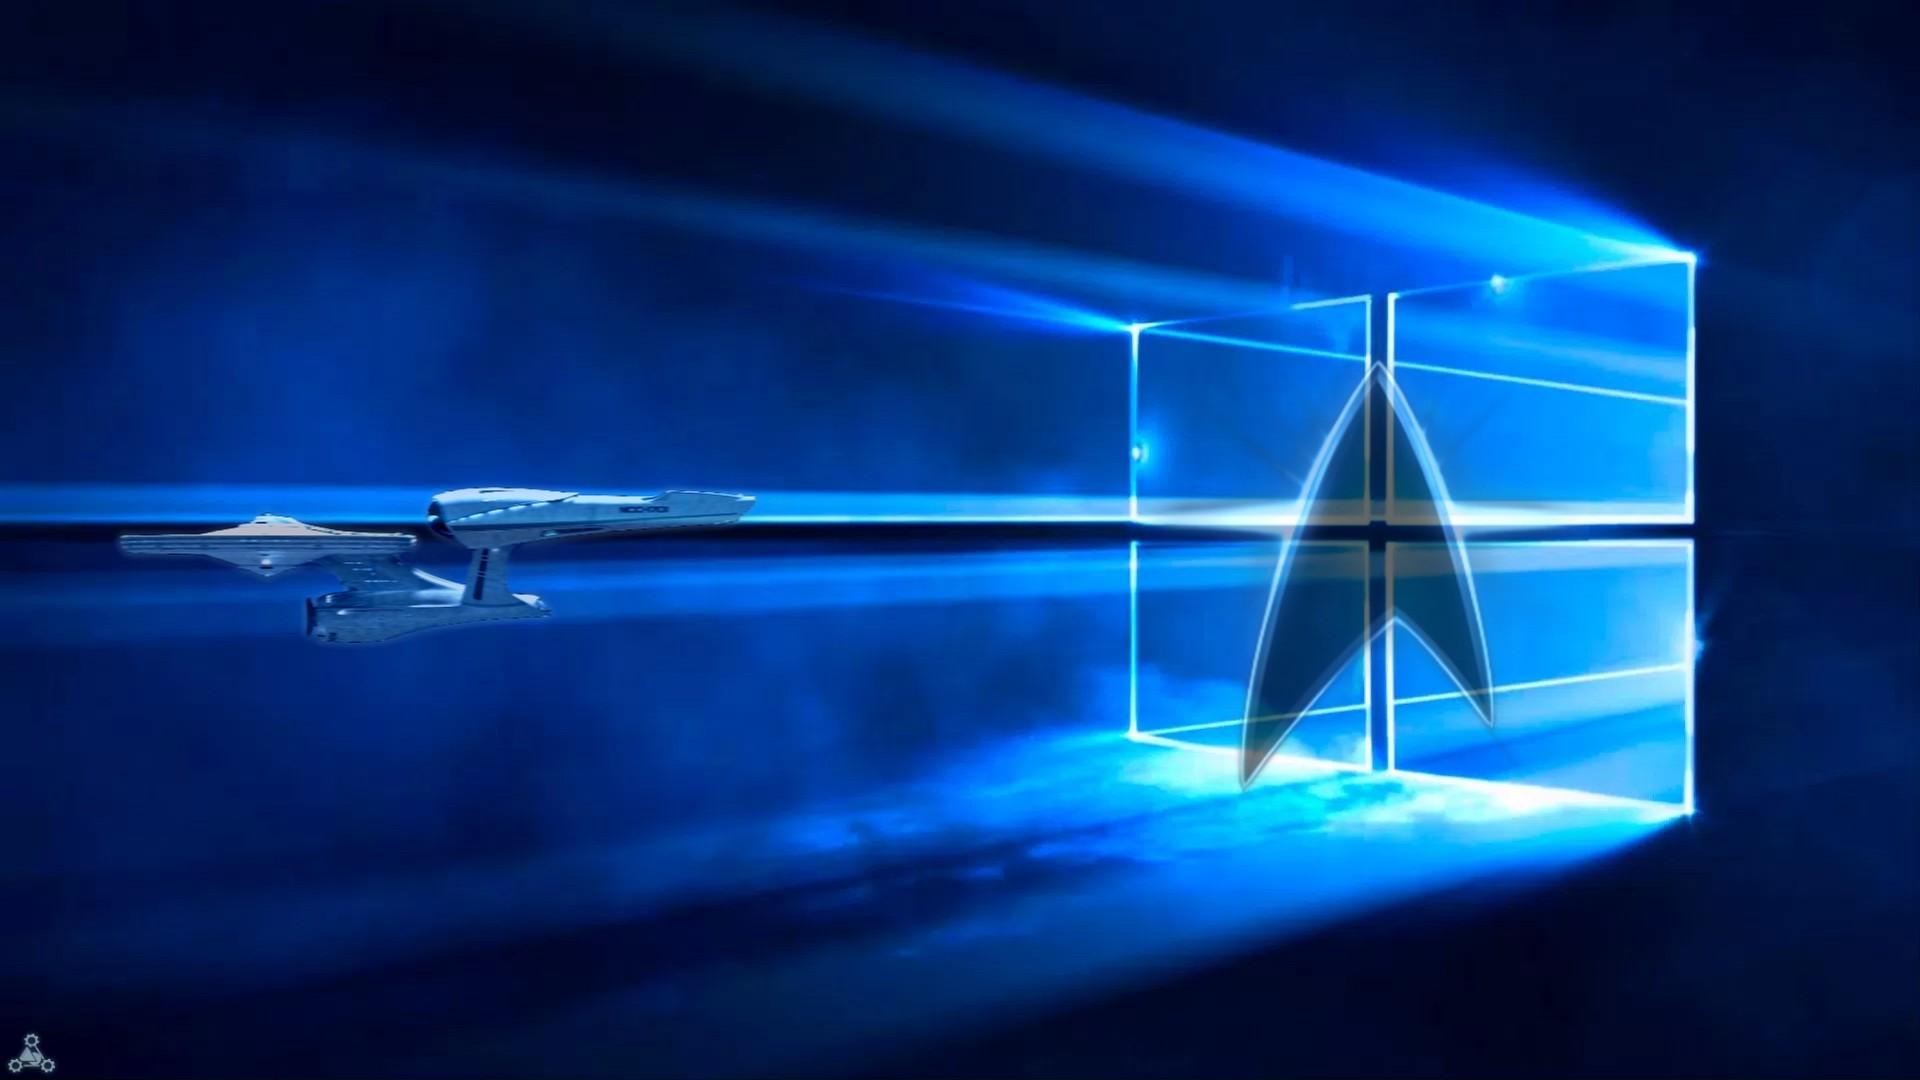 ArtStation - Windows 10 Star Trek Wallpaper, Oliver Ink